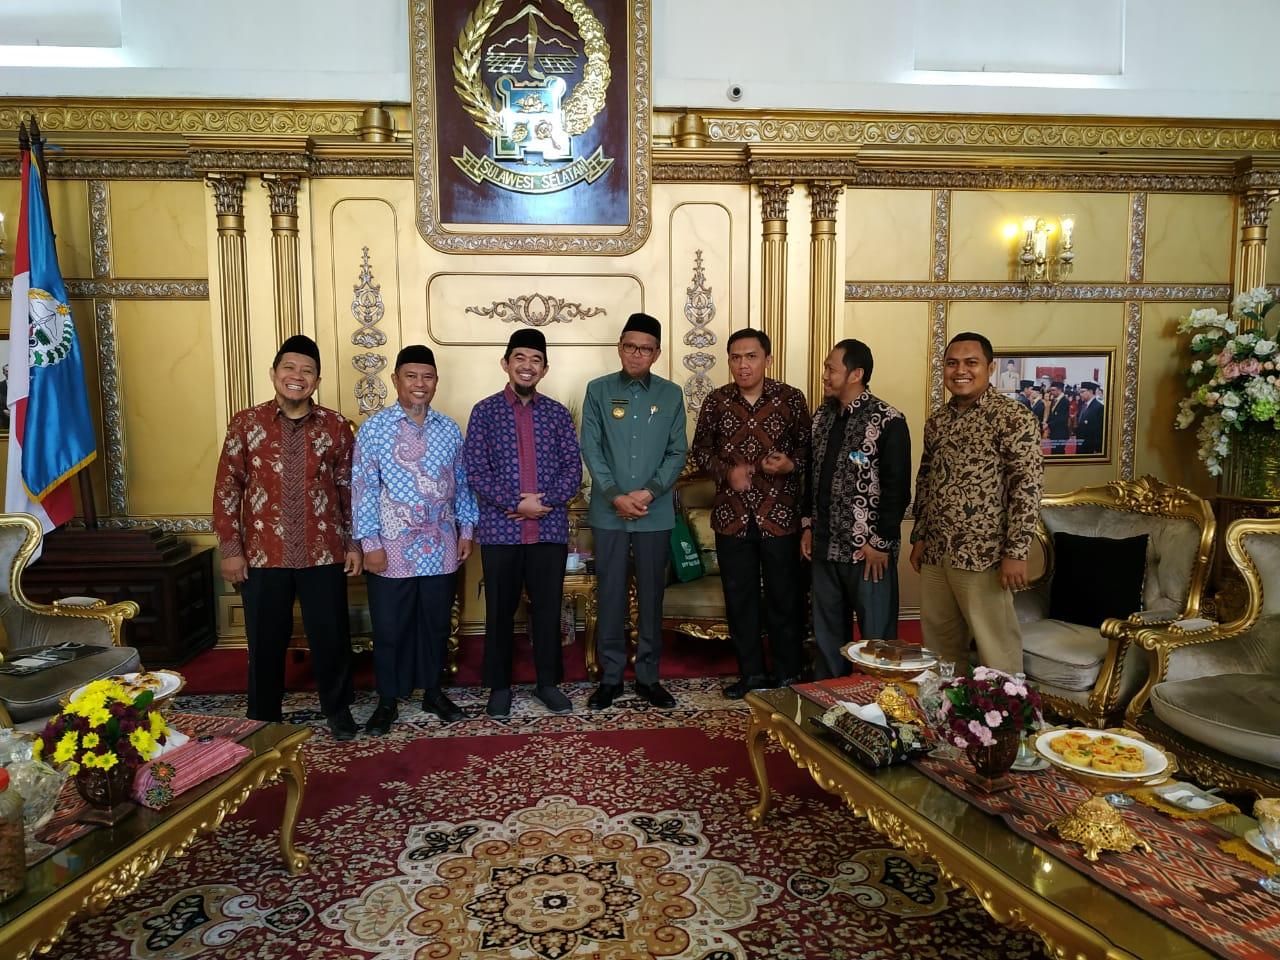 Dihadiri Sandiaga Uno, Gubernur Nurdin Abdullah Ajak Warga Sulsel Ramaikan Ummat Fest 2019